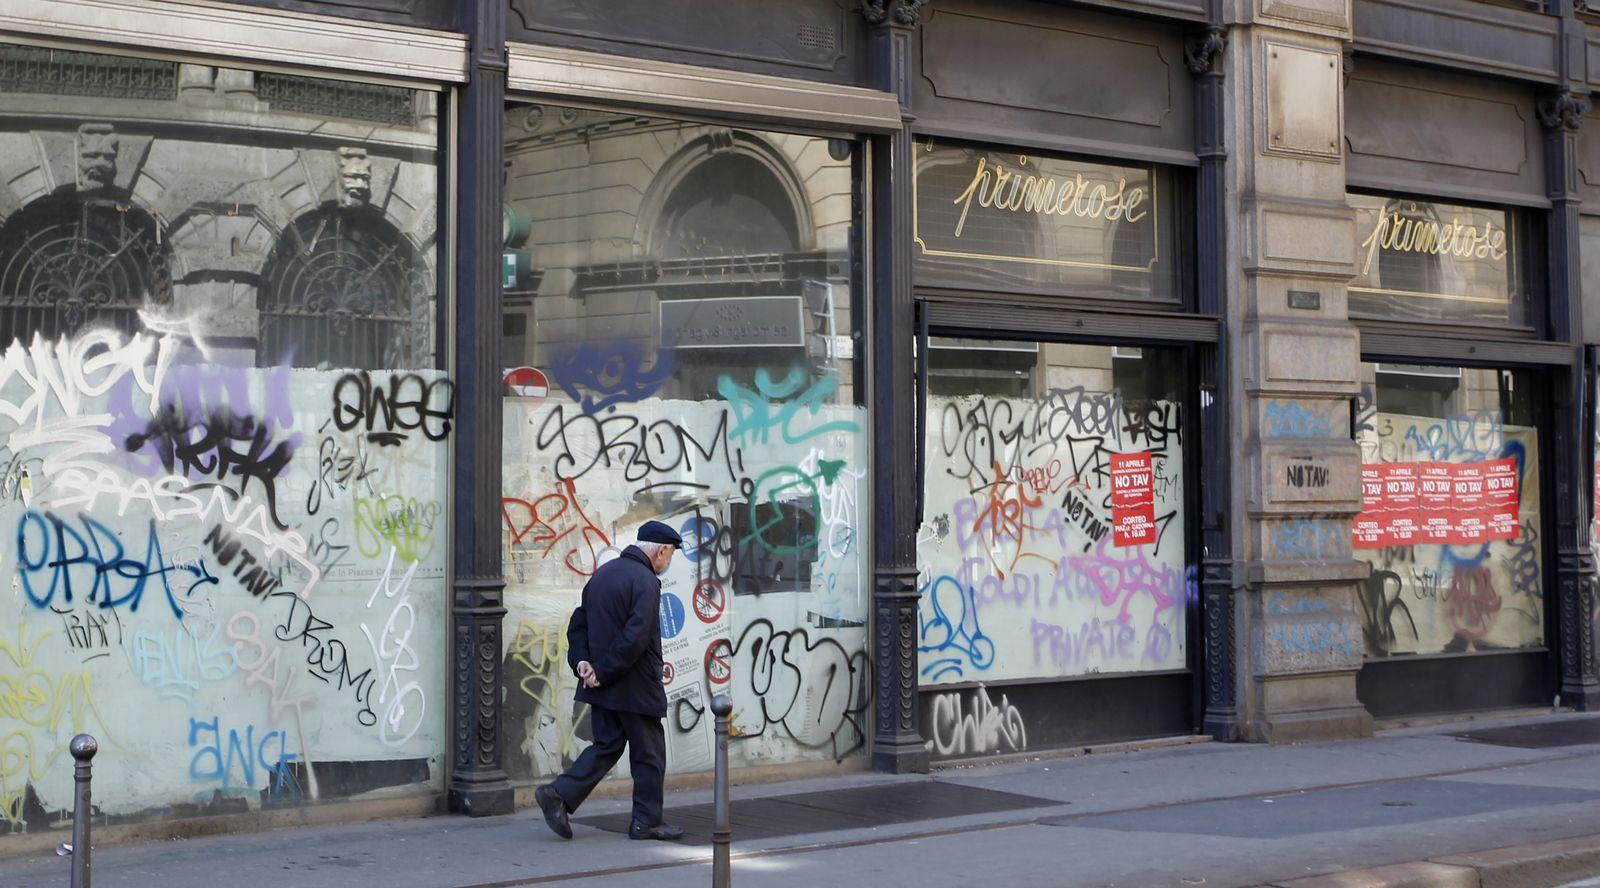 Italien / Finaz-Krise / Wirtschaftskrise